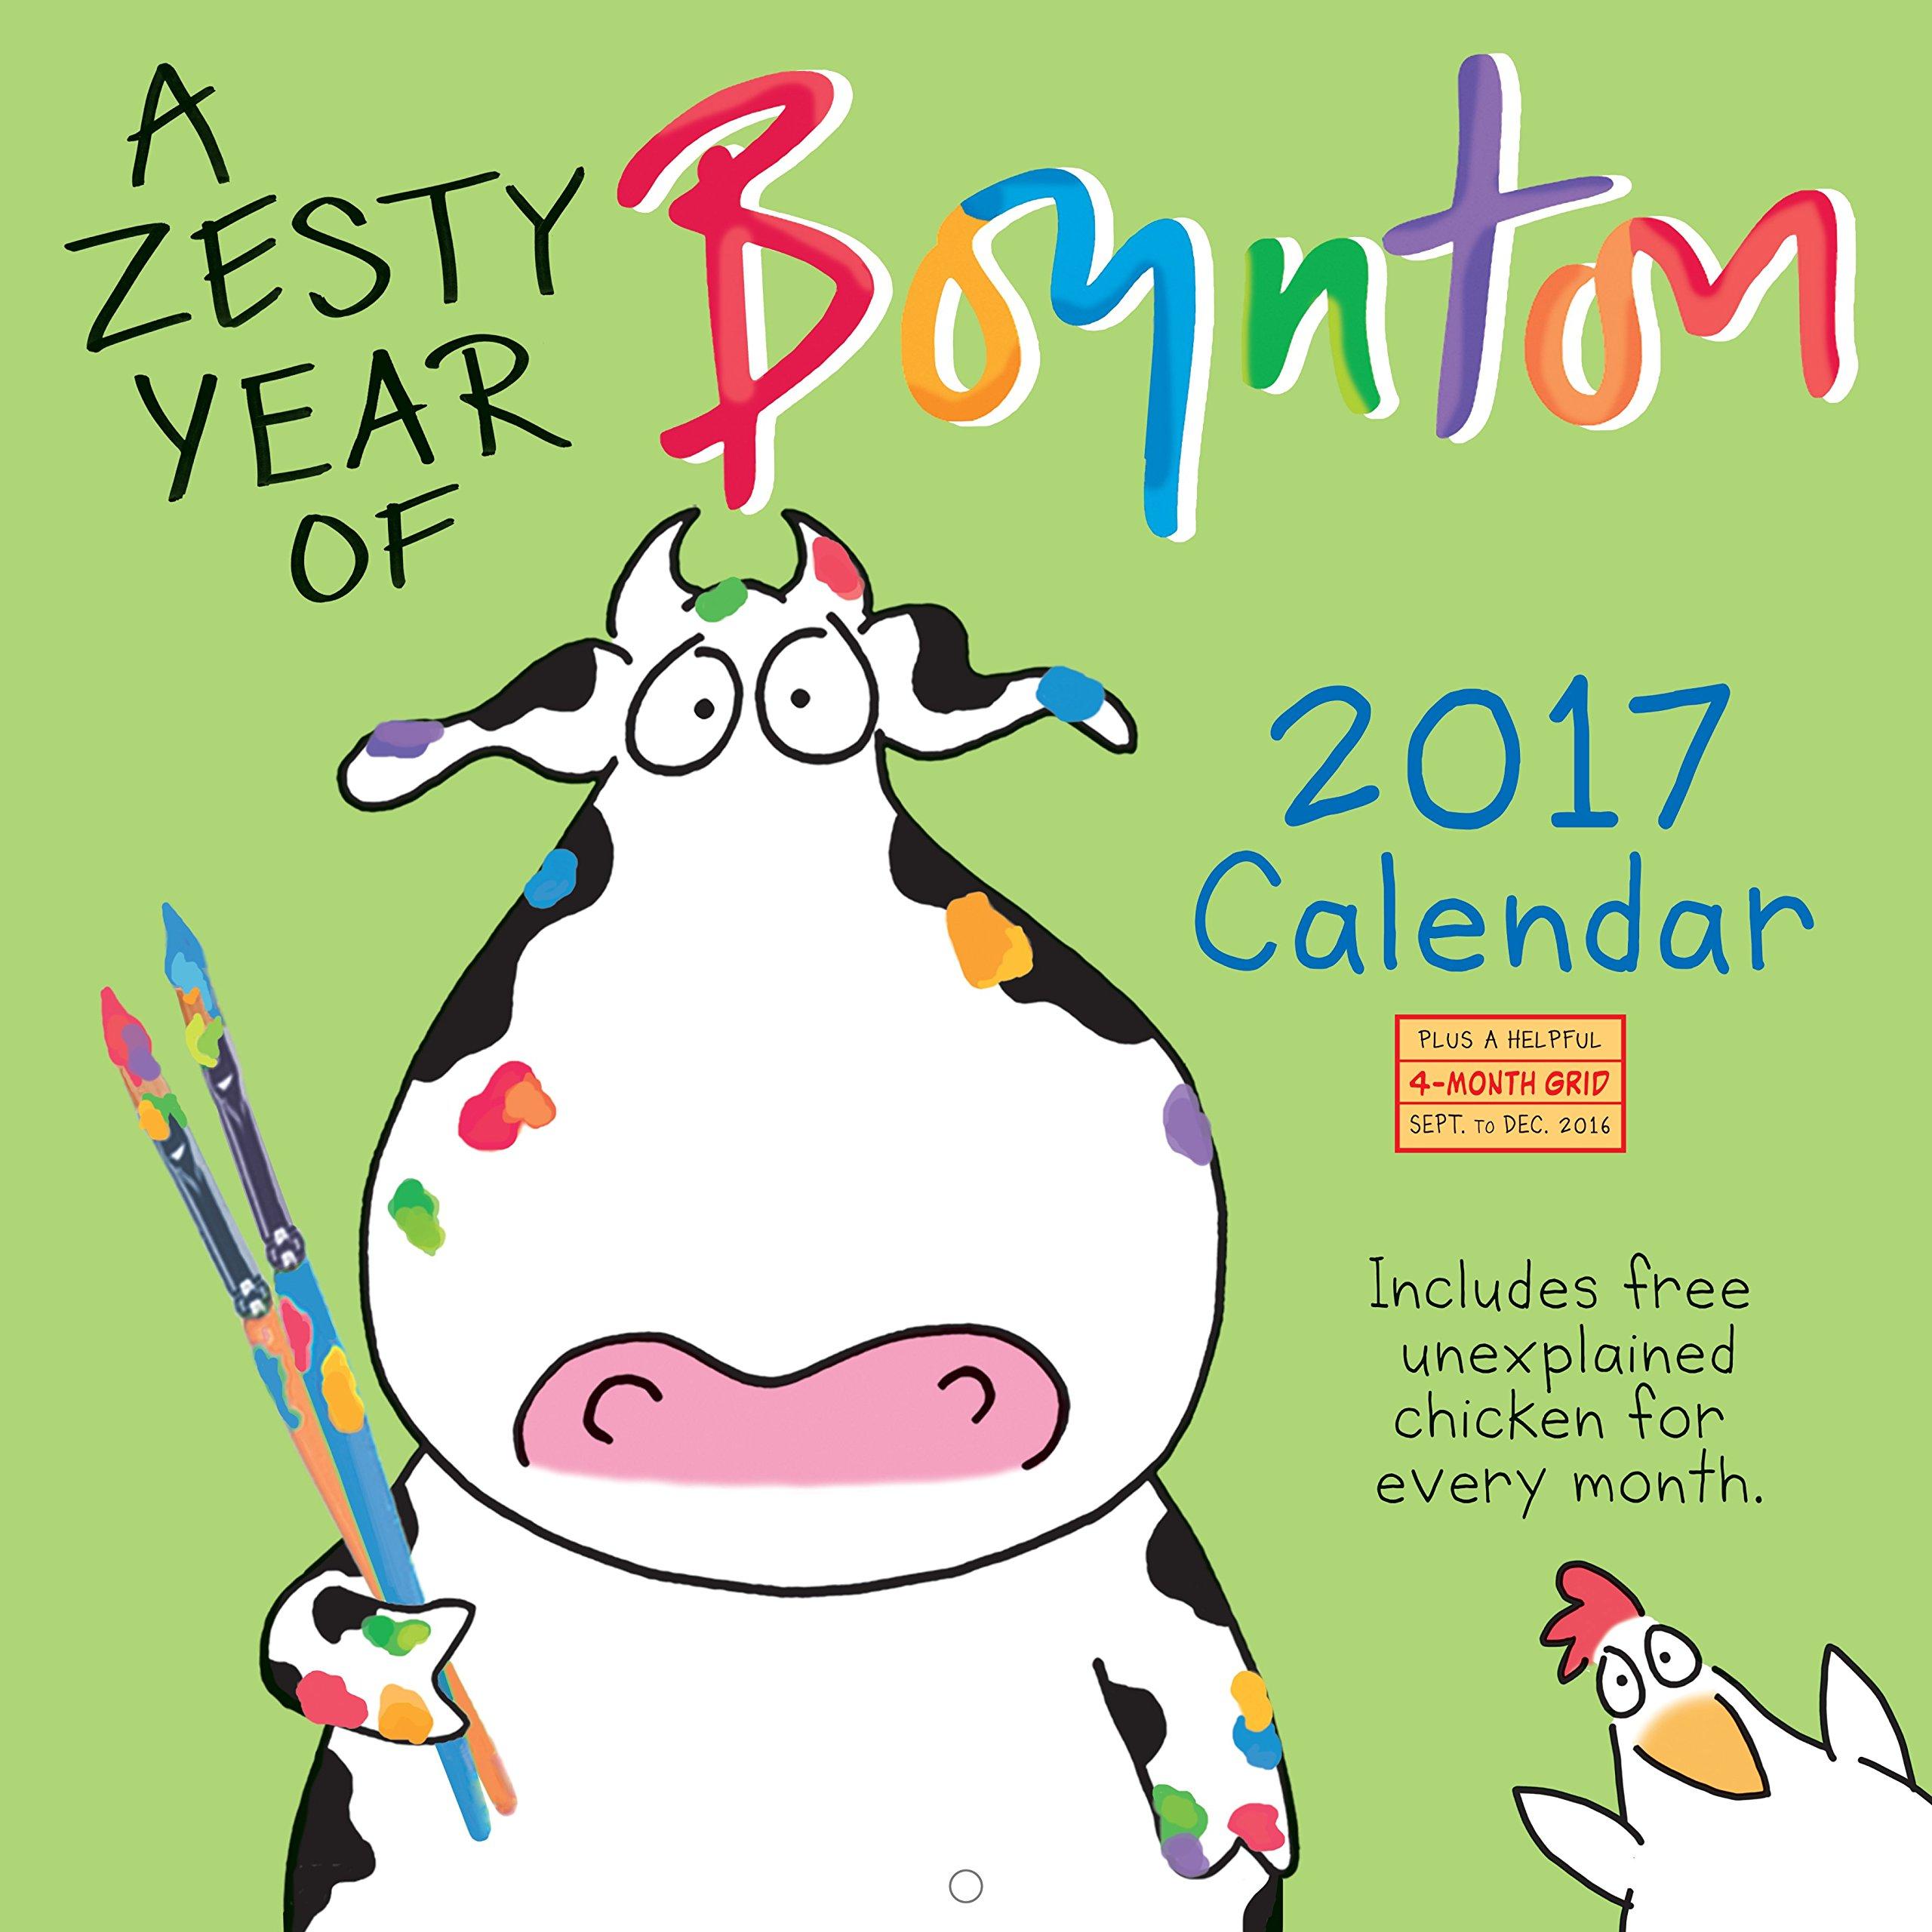 Zesty Year Boynton Wall Calendar